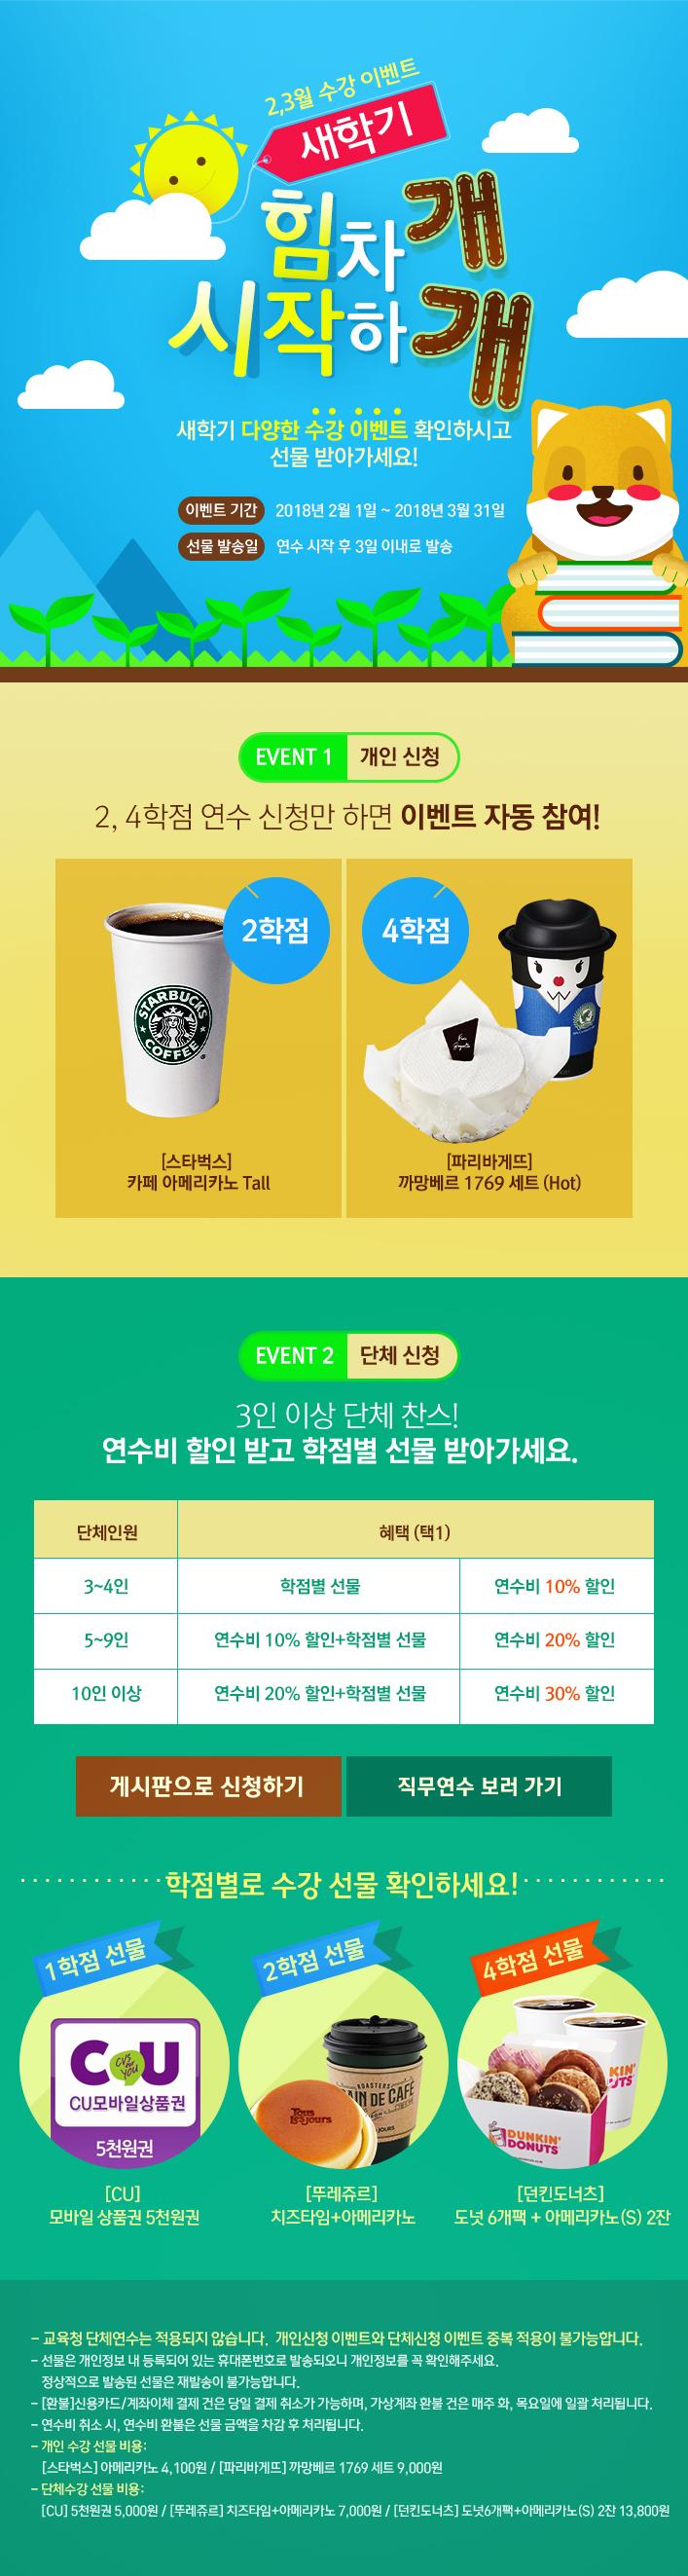 2,3월 수강 이벤트 새학기 힘차개 시작하개